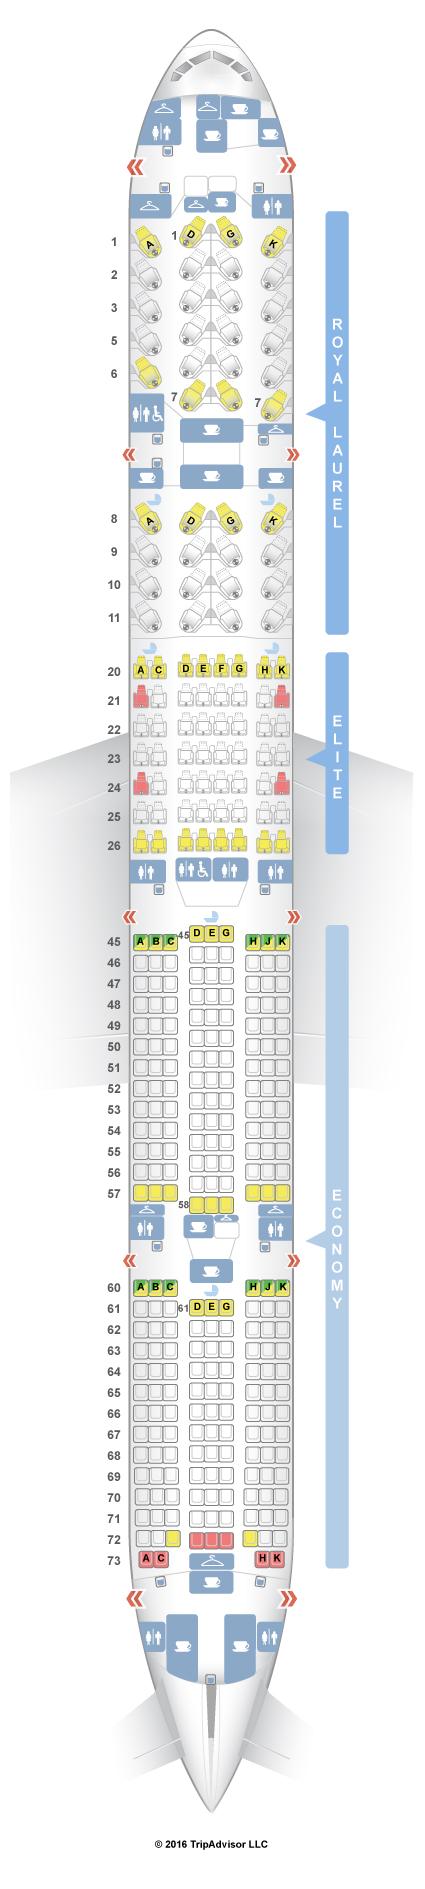 Seatguru Seat Map Air China Boeing 777 300er 77w